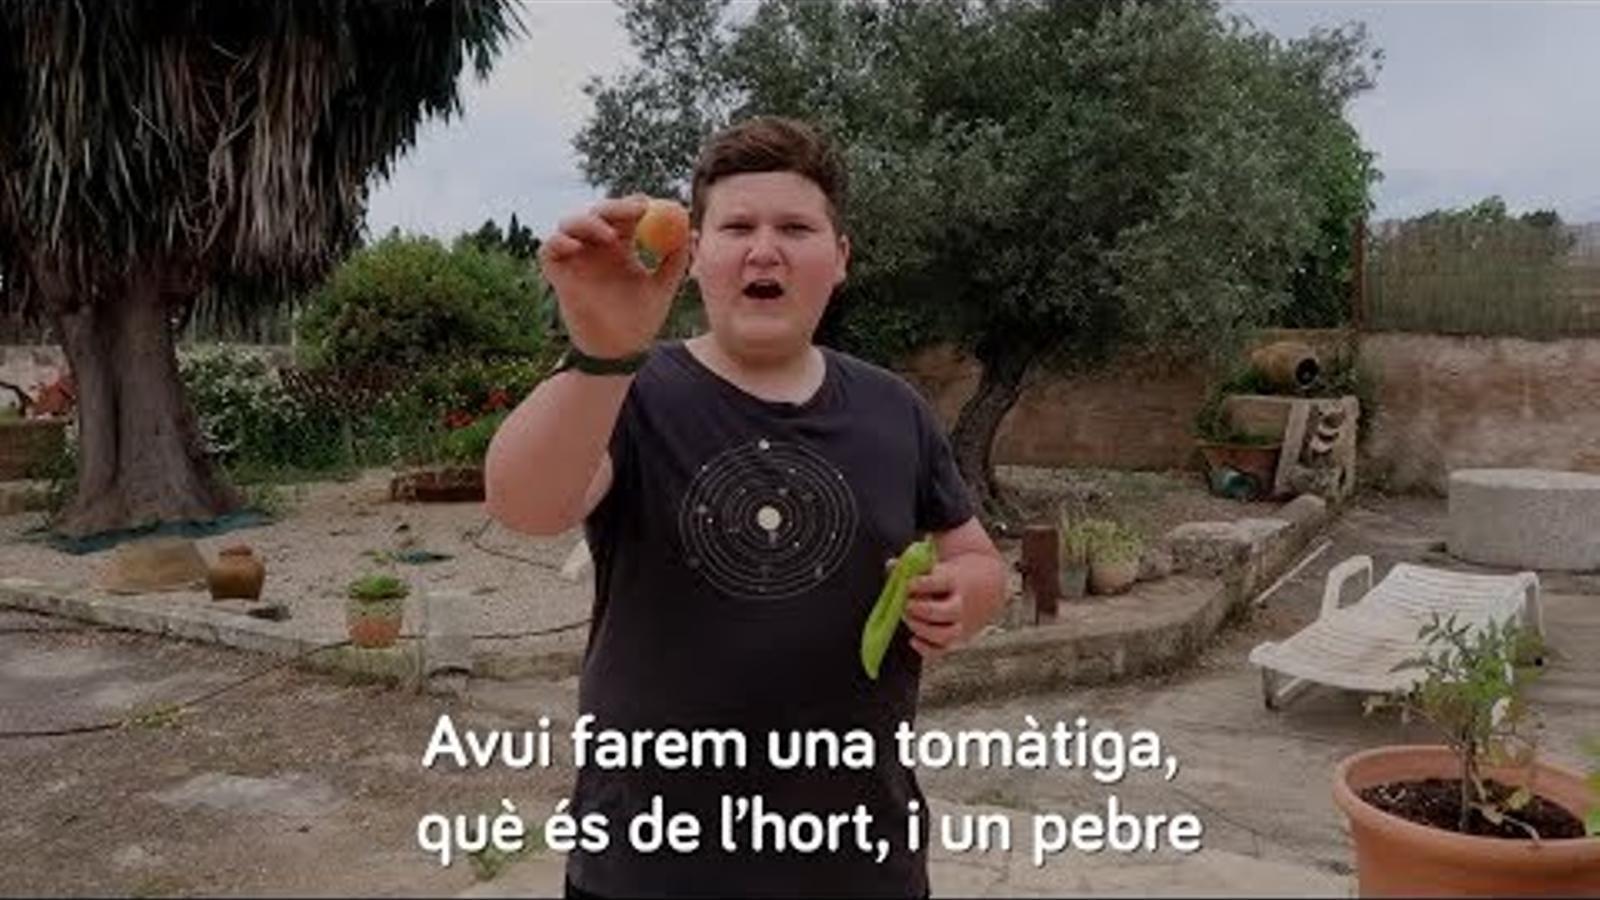 Miquel Montoro explica als alumnes de primària com fer planters de tomàtiga de ramellet i pebre blanc